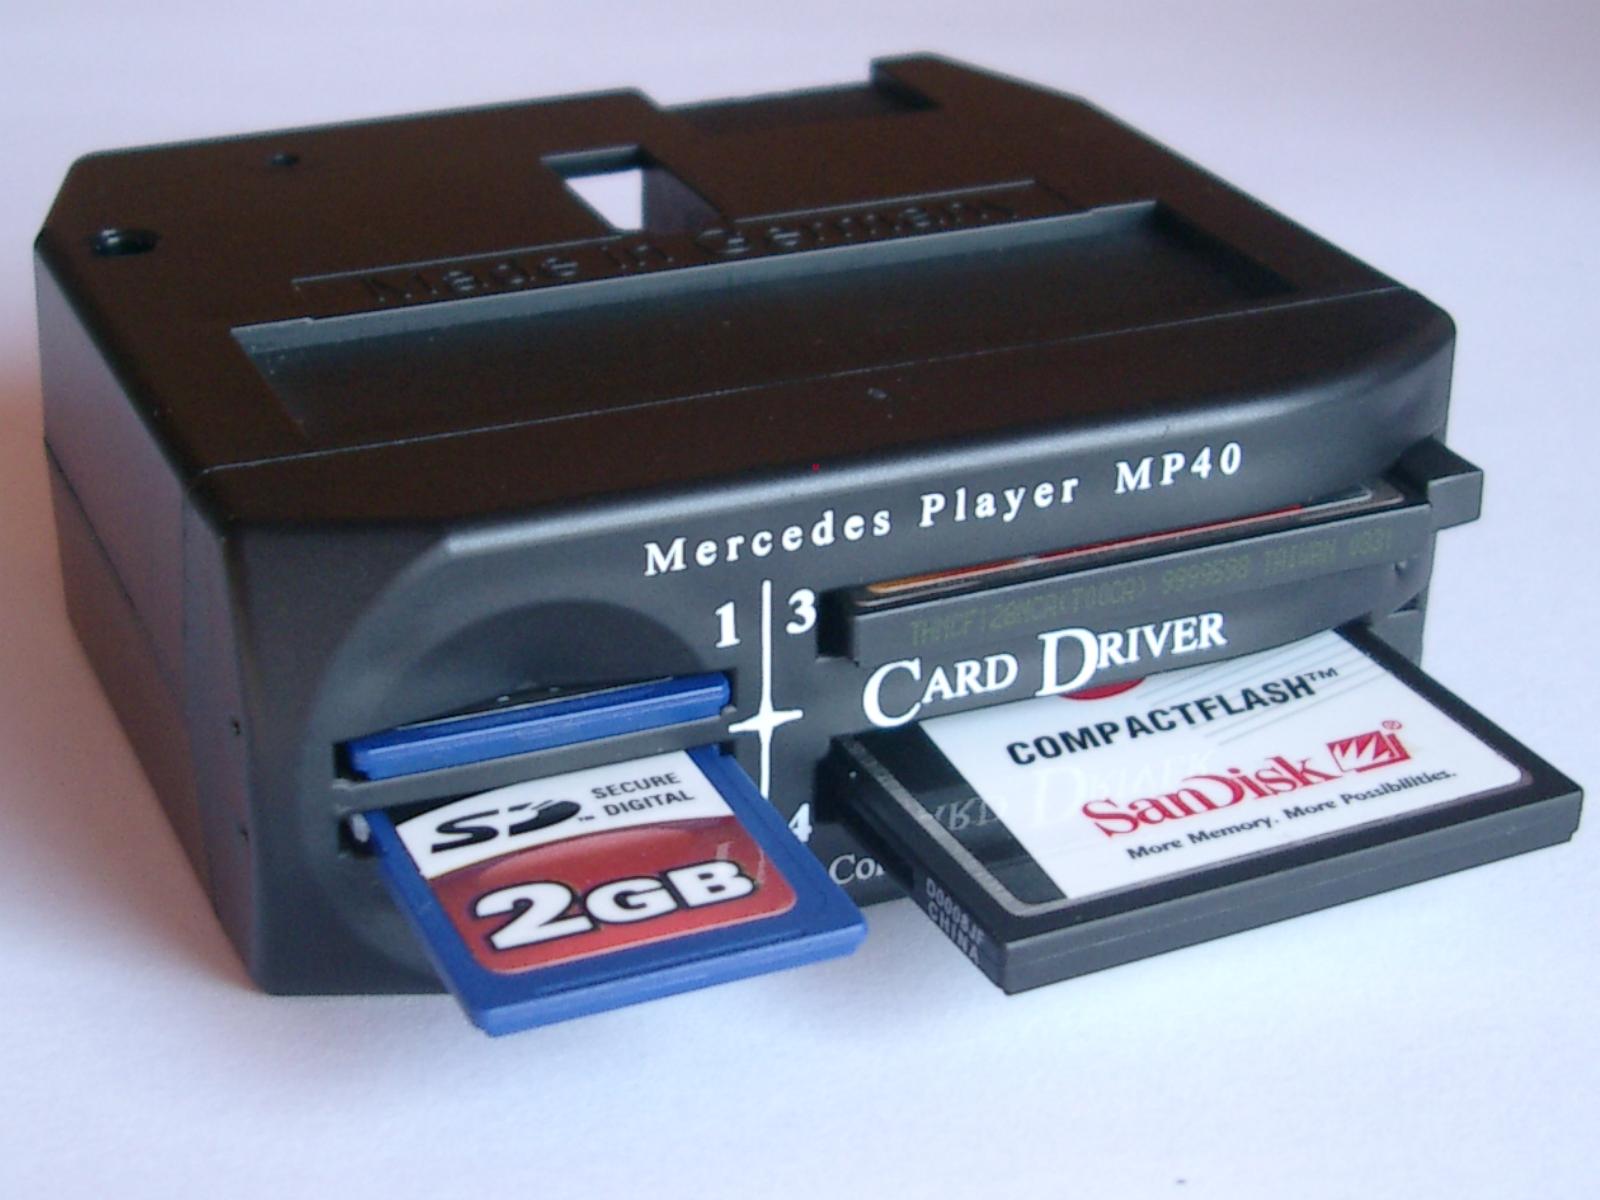 mercedes player mp40 mercedes player. Black Bedroom Furniture Sets. Home Design Ideas